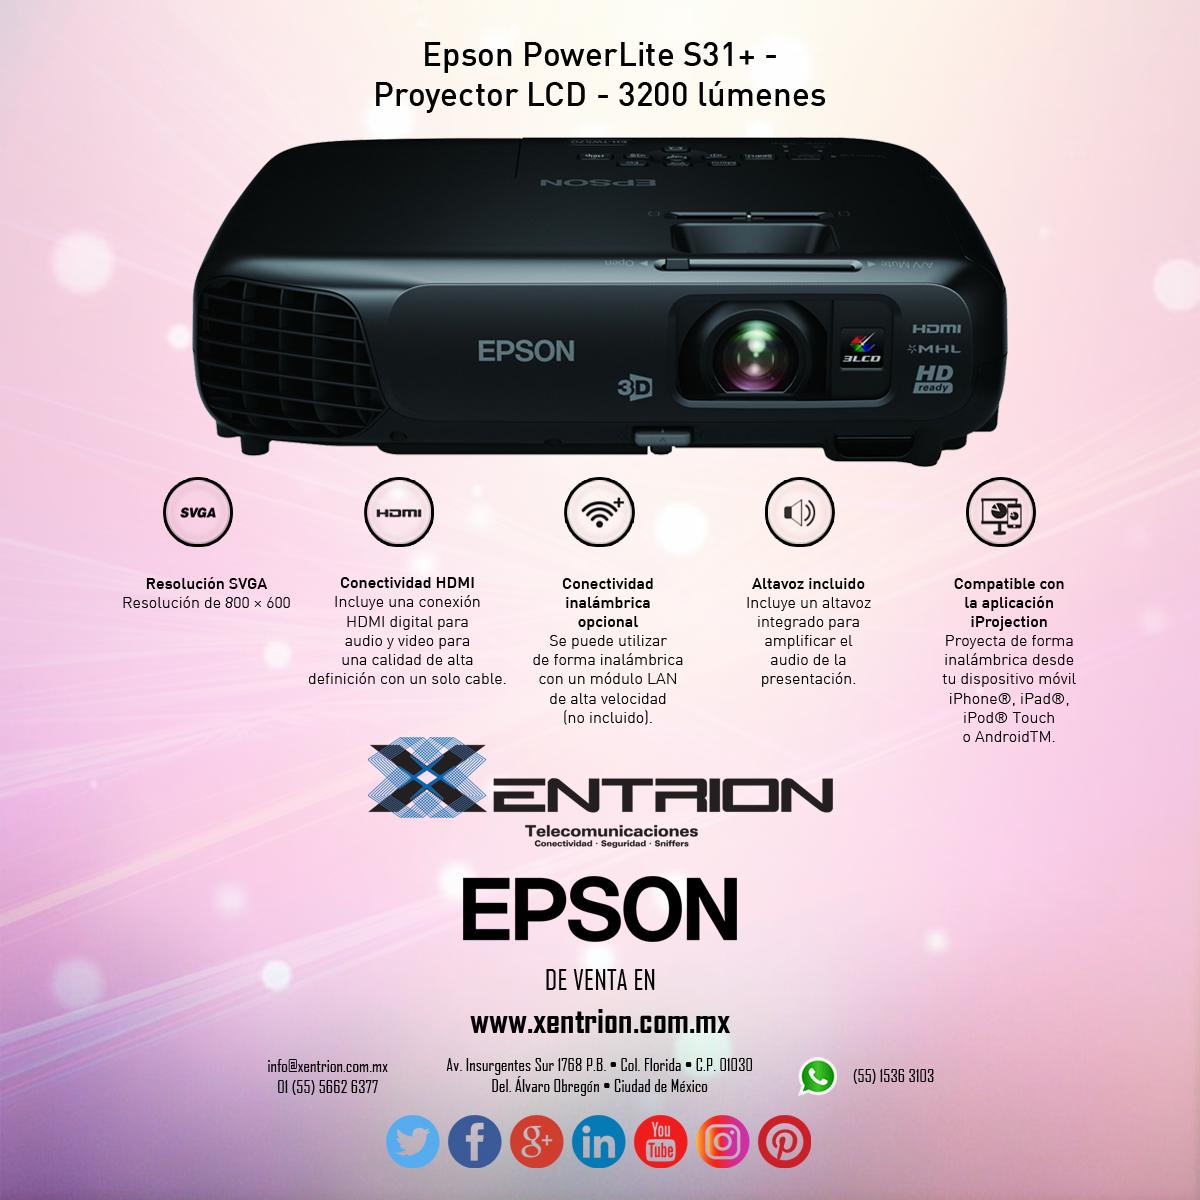 Proyector Epson PowerLite LCD ideal para ver películas en tu casa ...